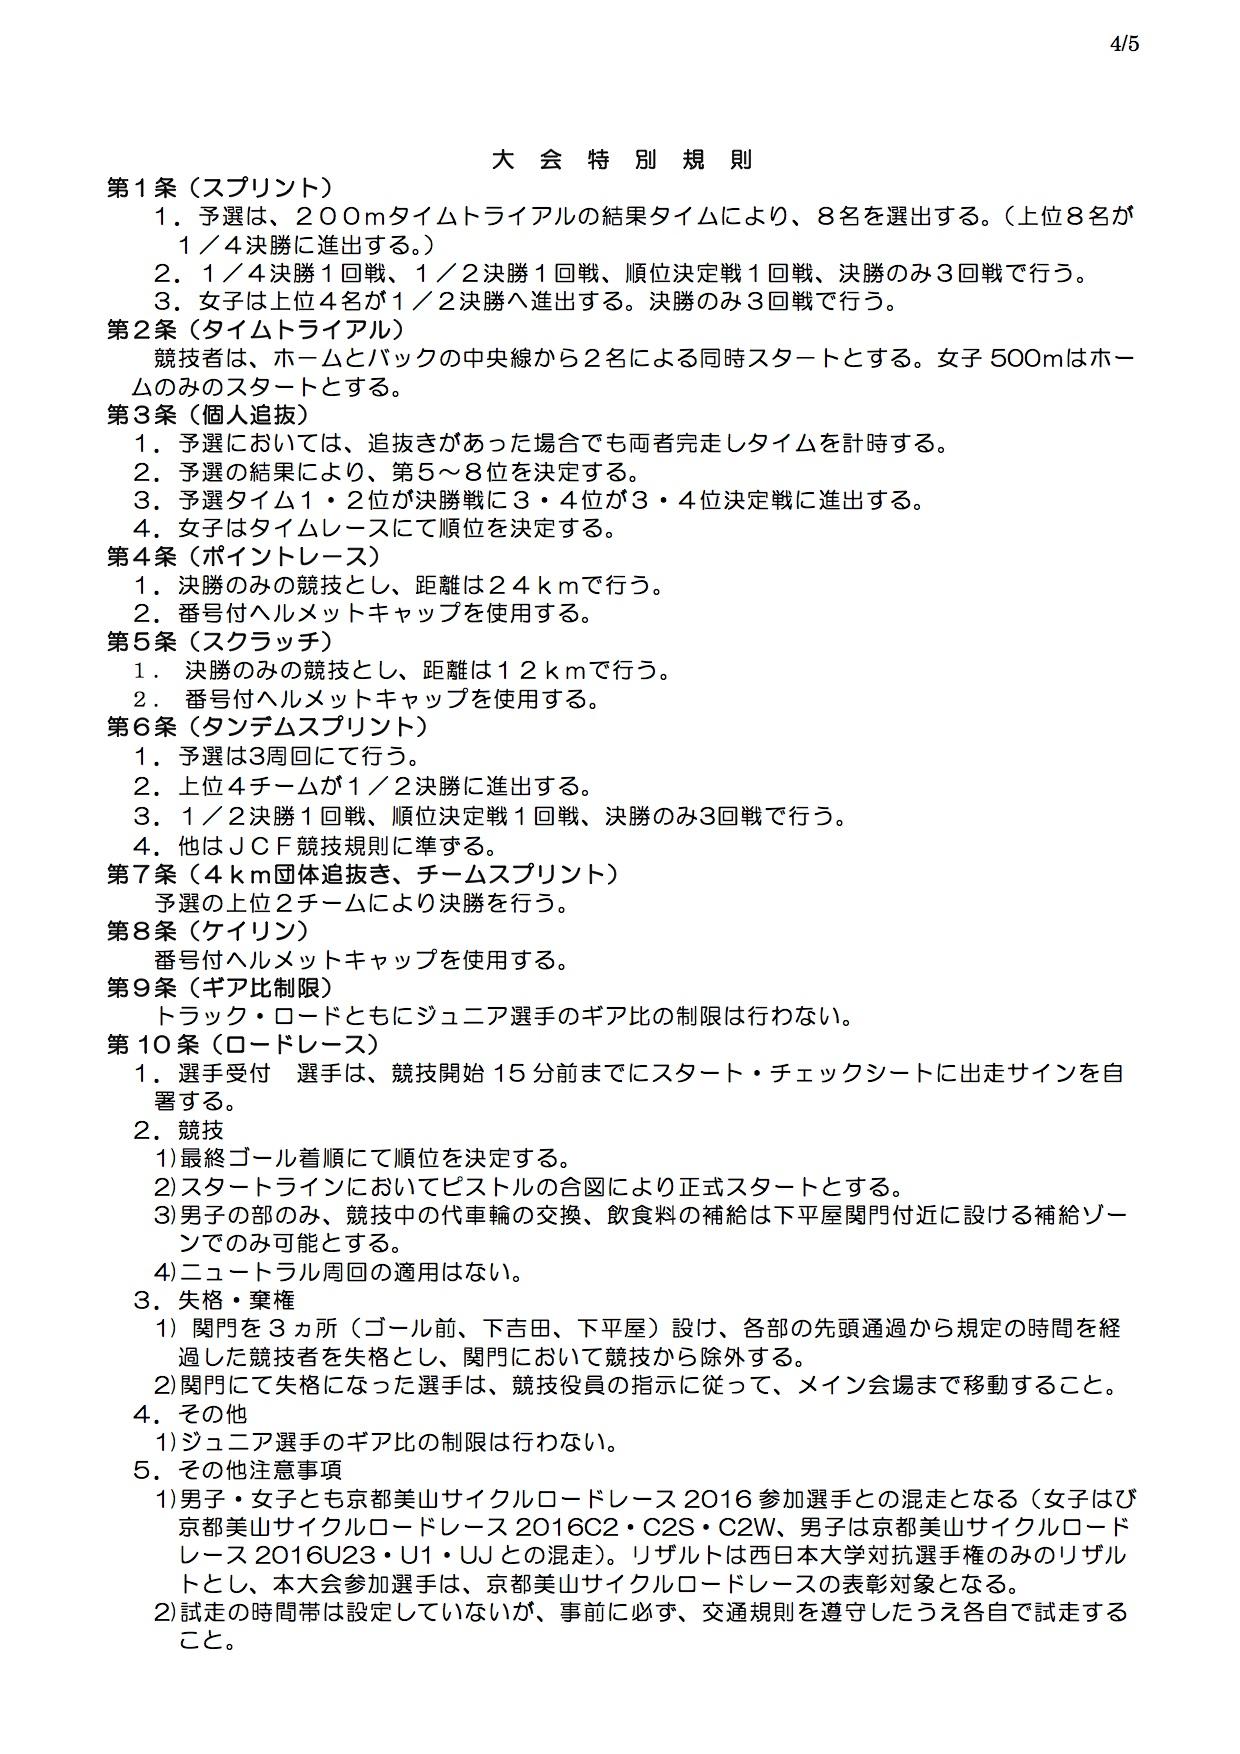 16w_ic_yoko_160624_04